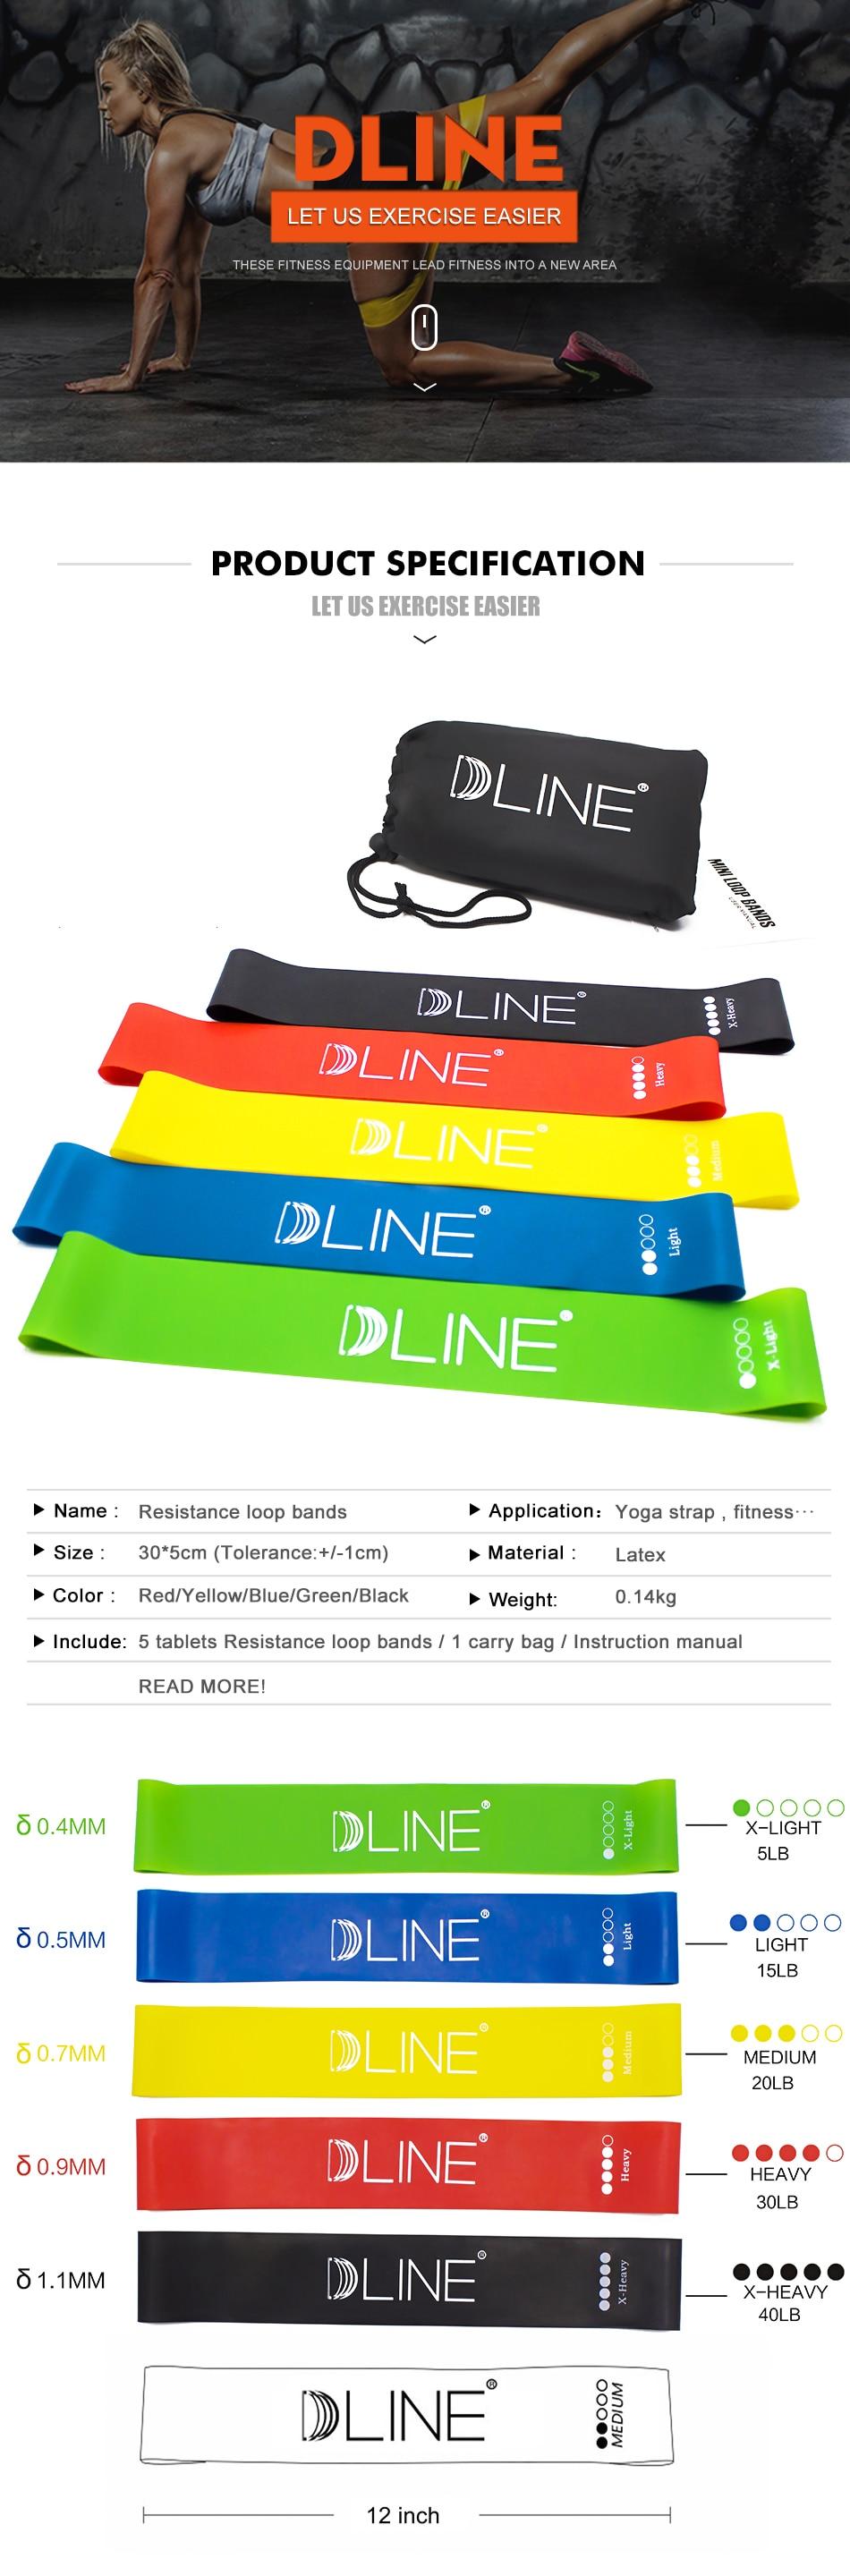 DLINE_01